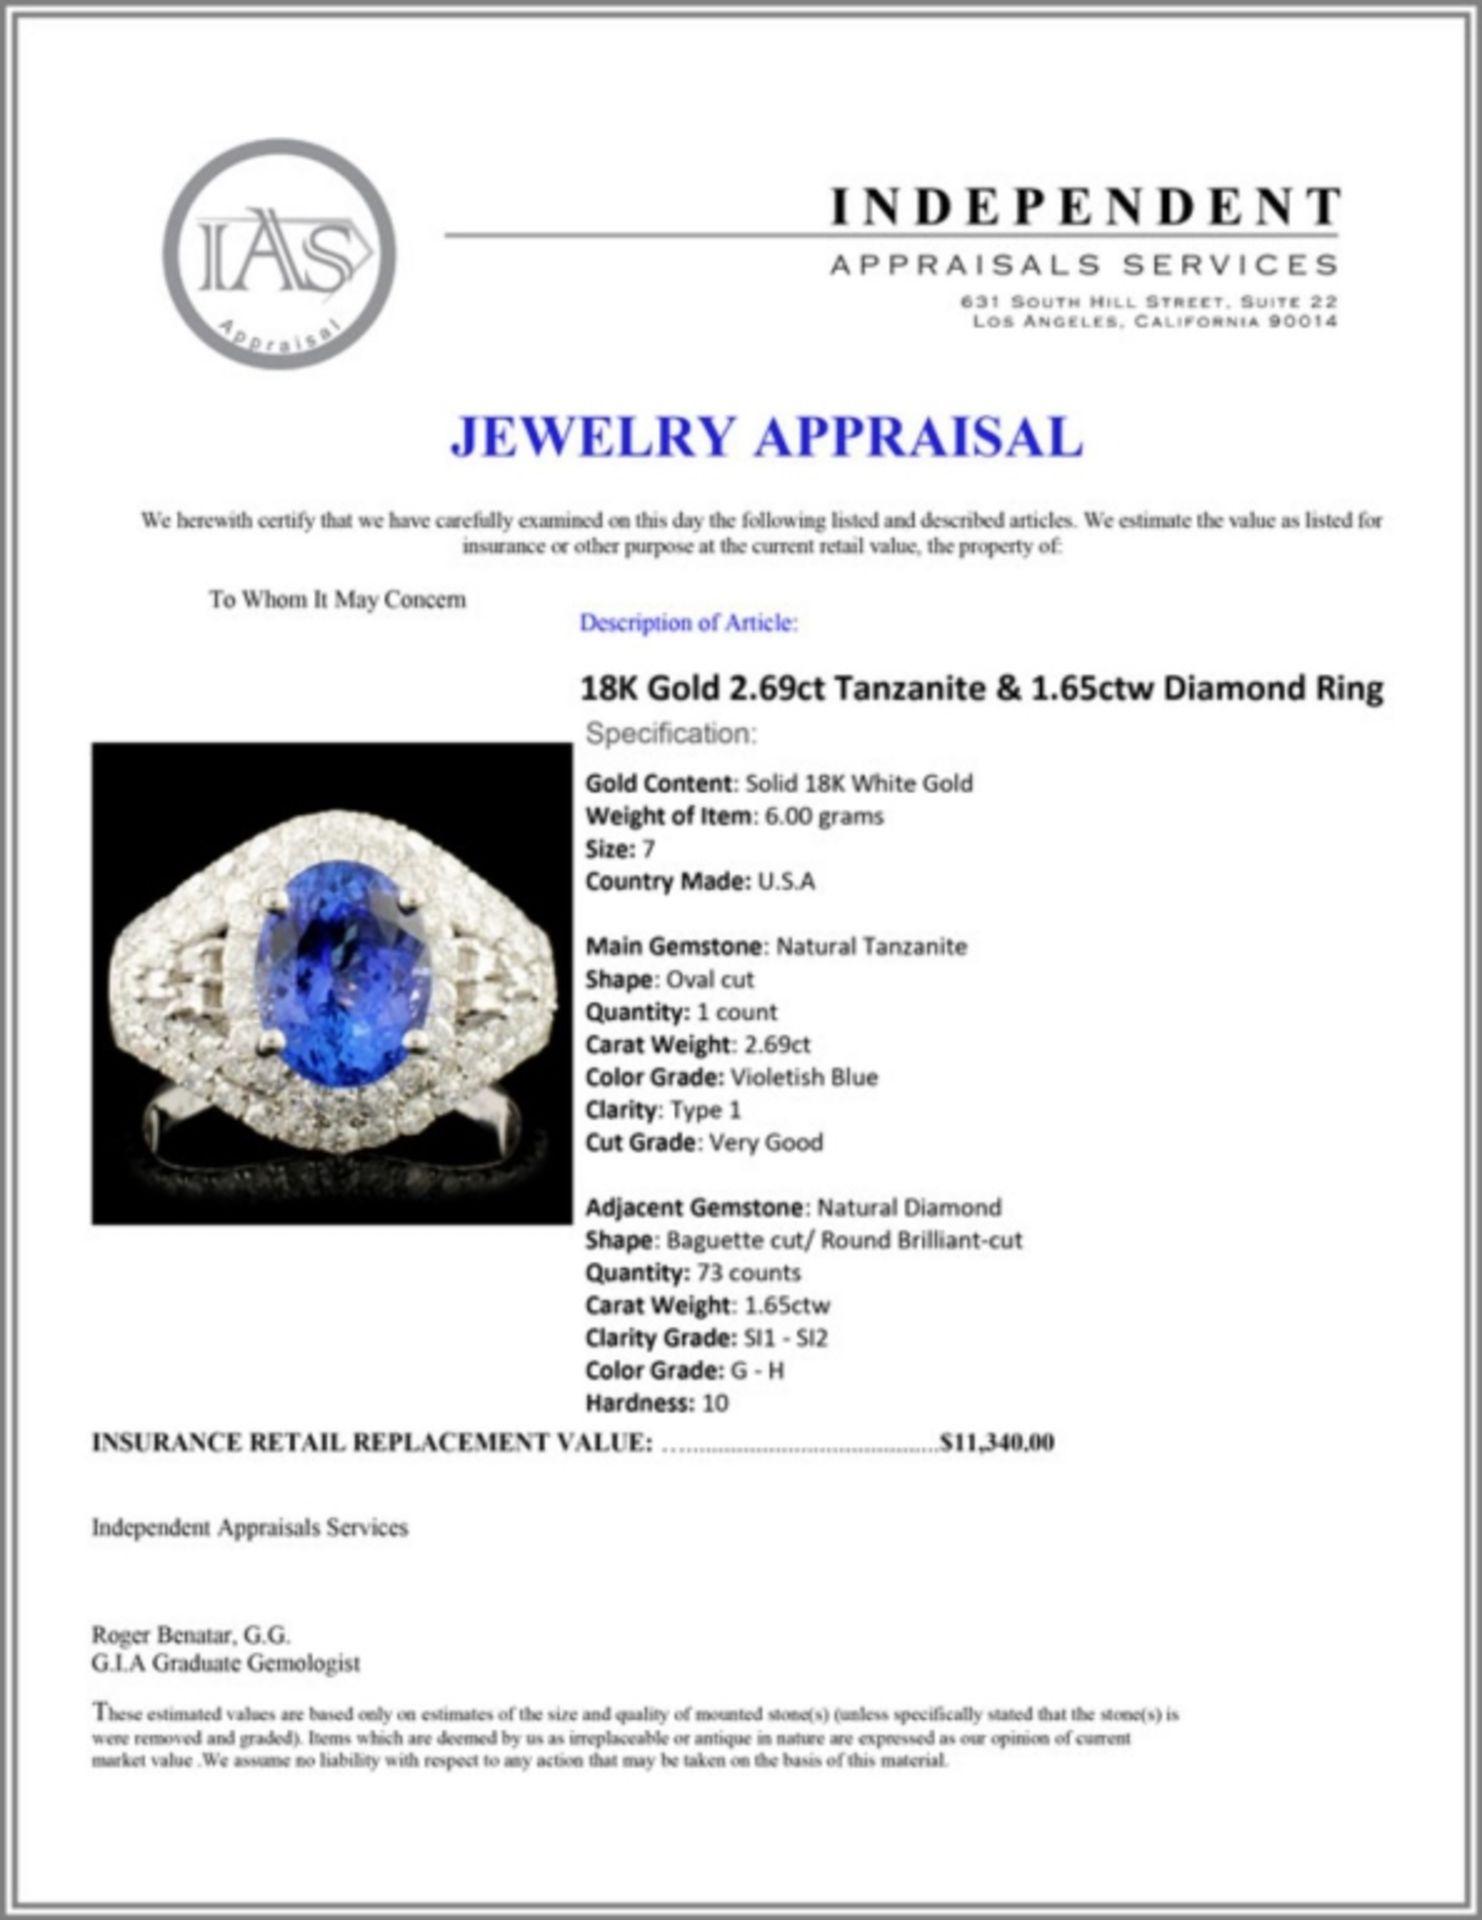 18K Gold 2.69ct Tanzanite & 1.65ctw Diamond Ring - Image 5 of 5